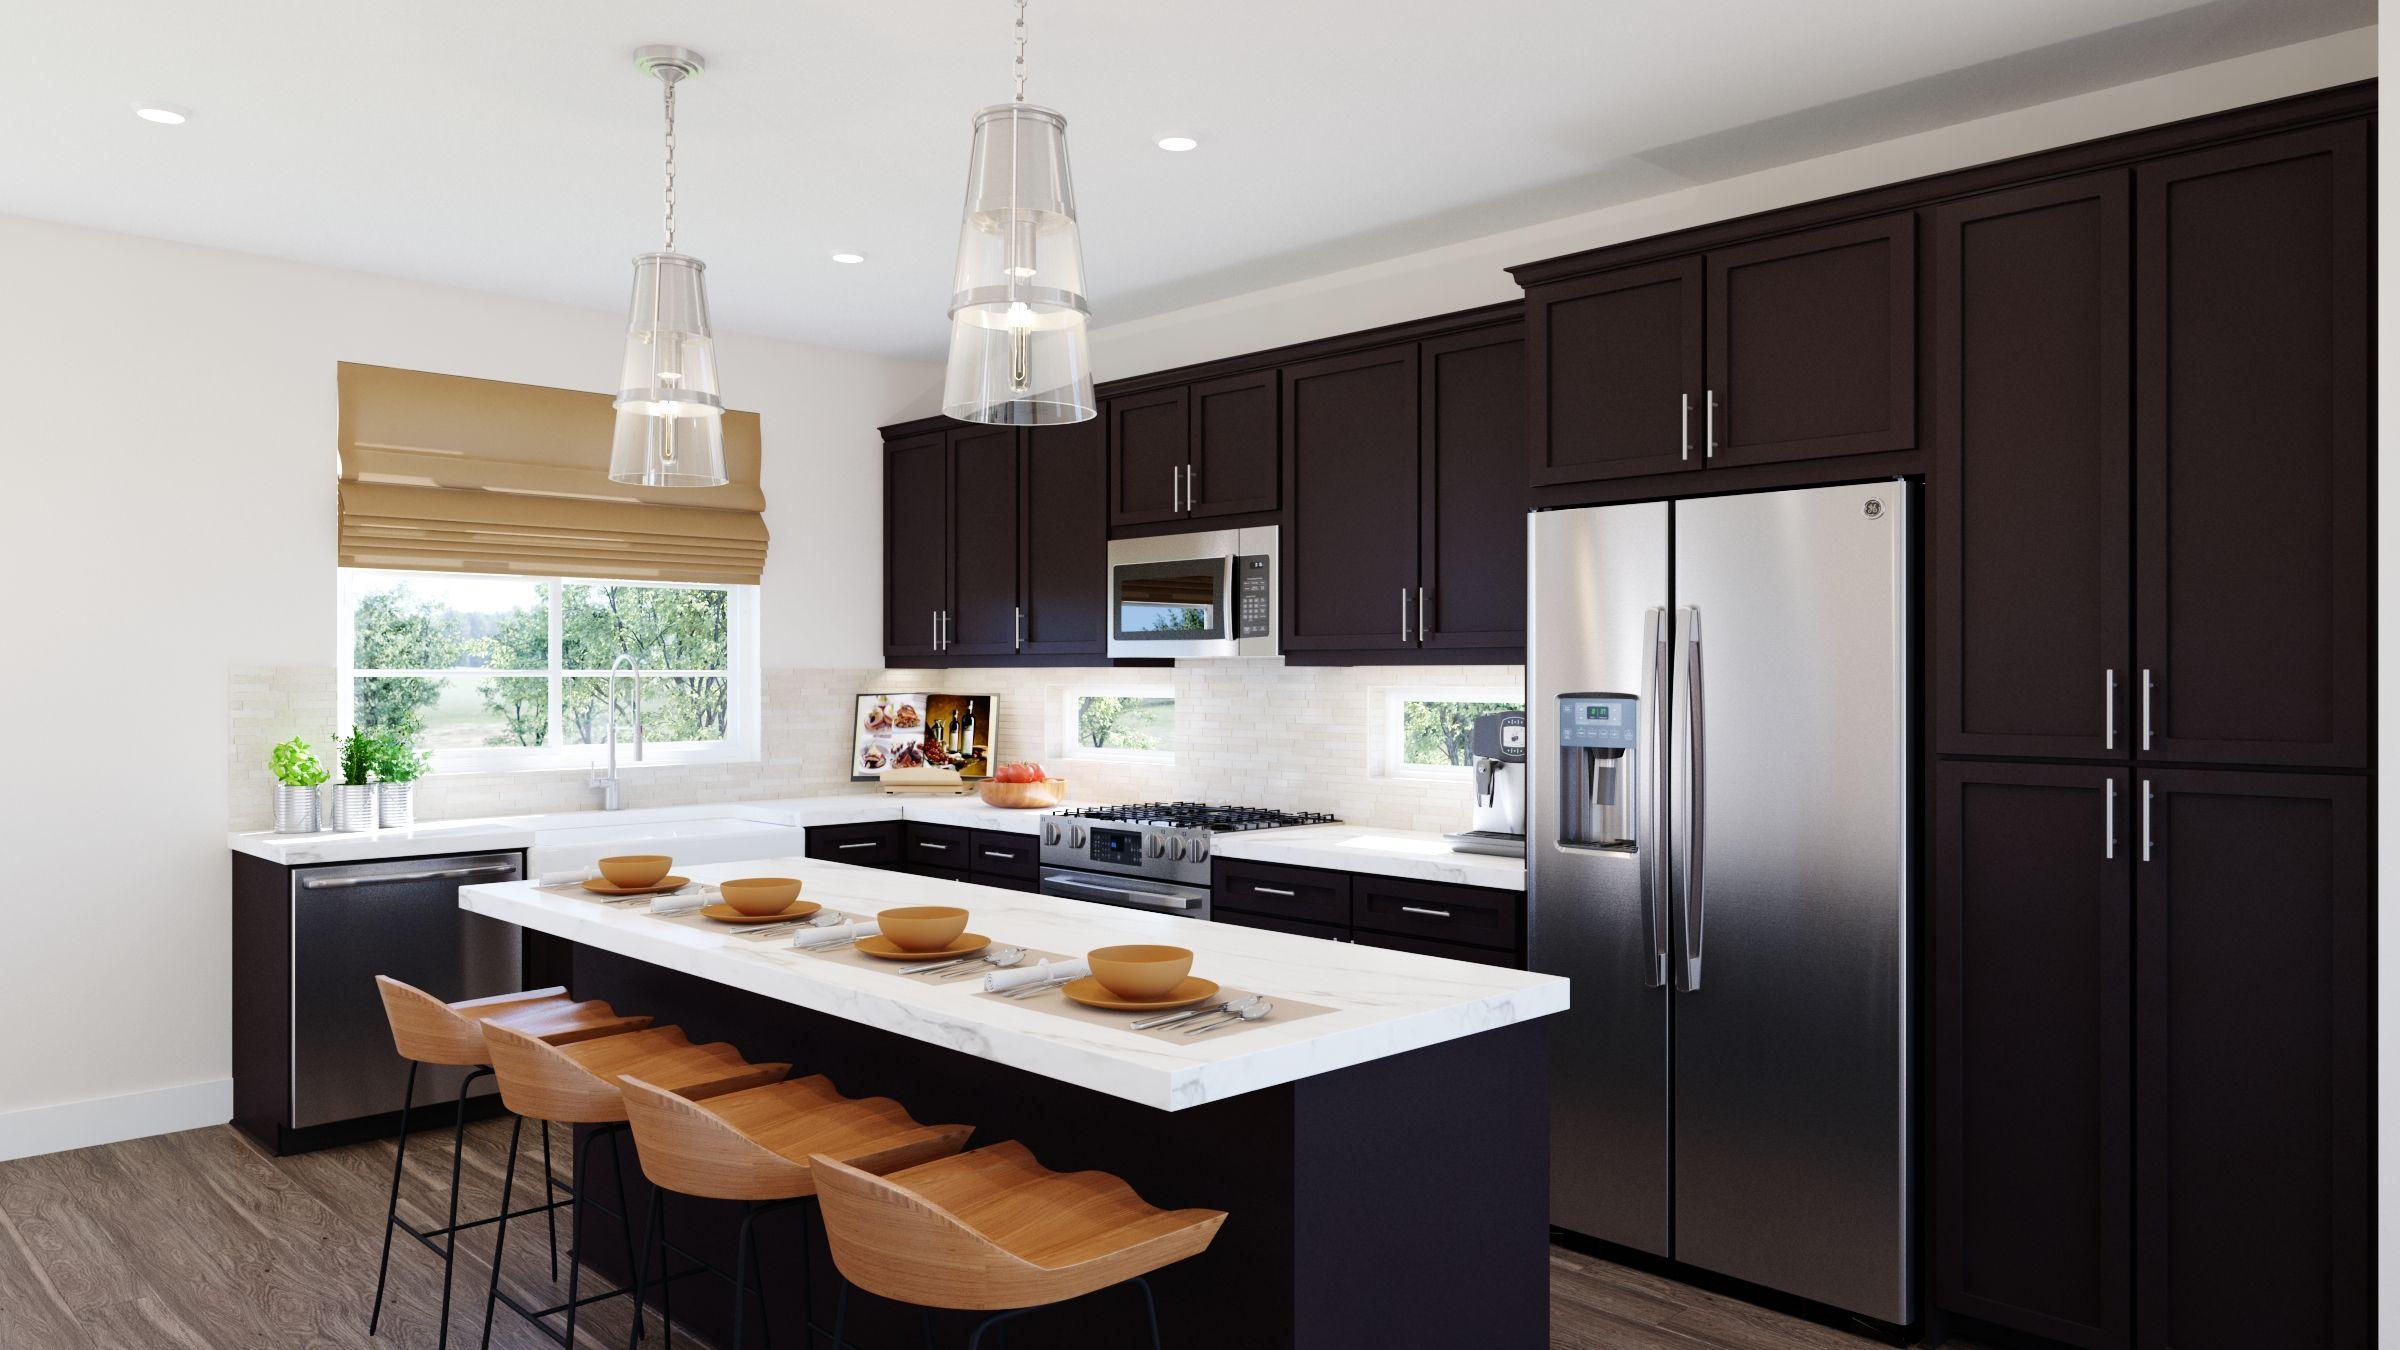 Kitchen featured in the Volara Plan 3 By Bonanni Development in Orange County, CA